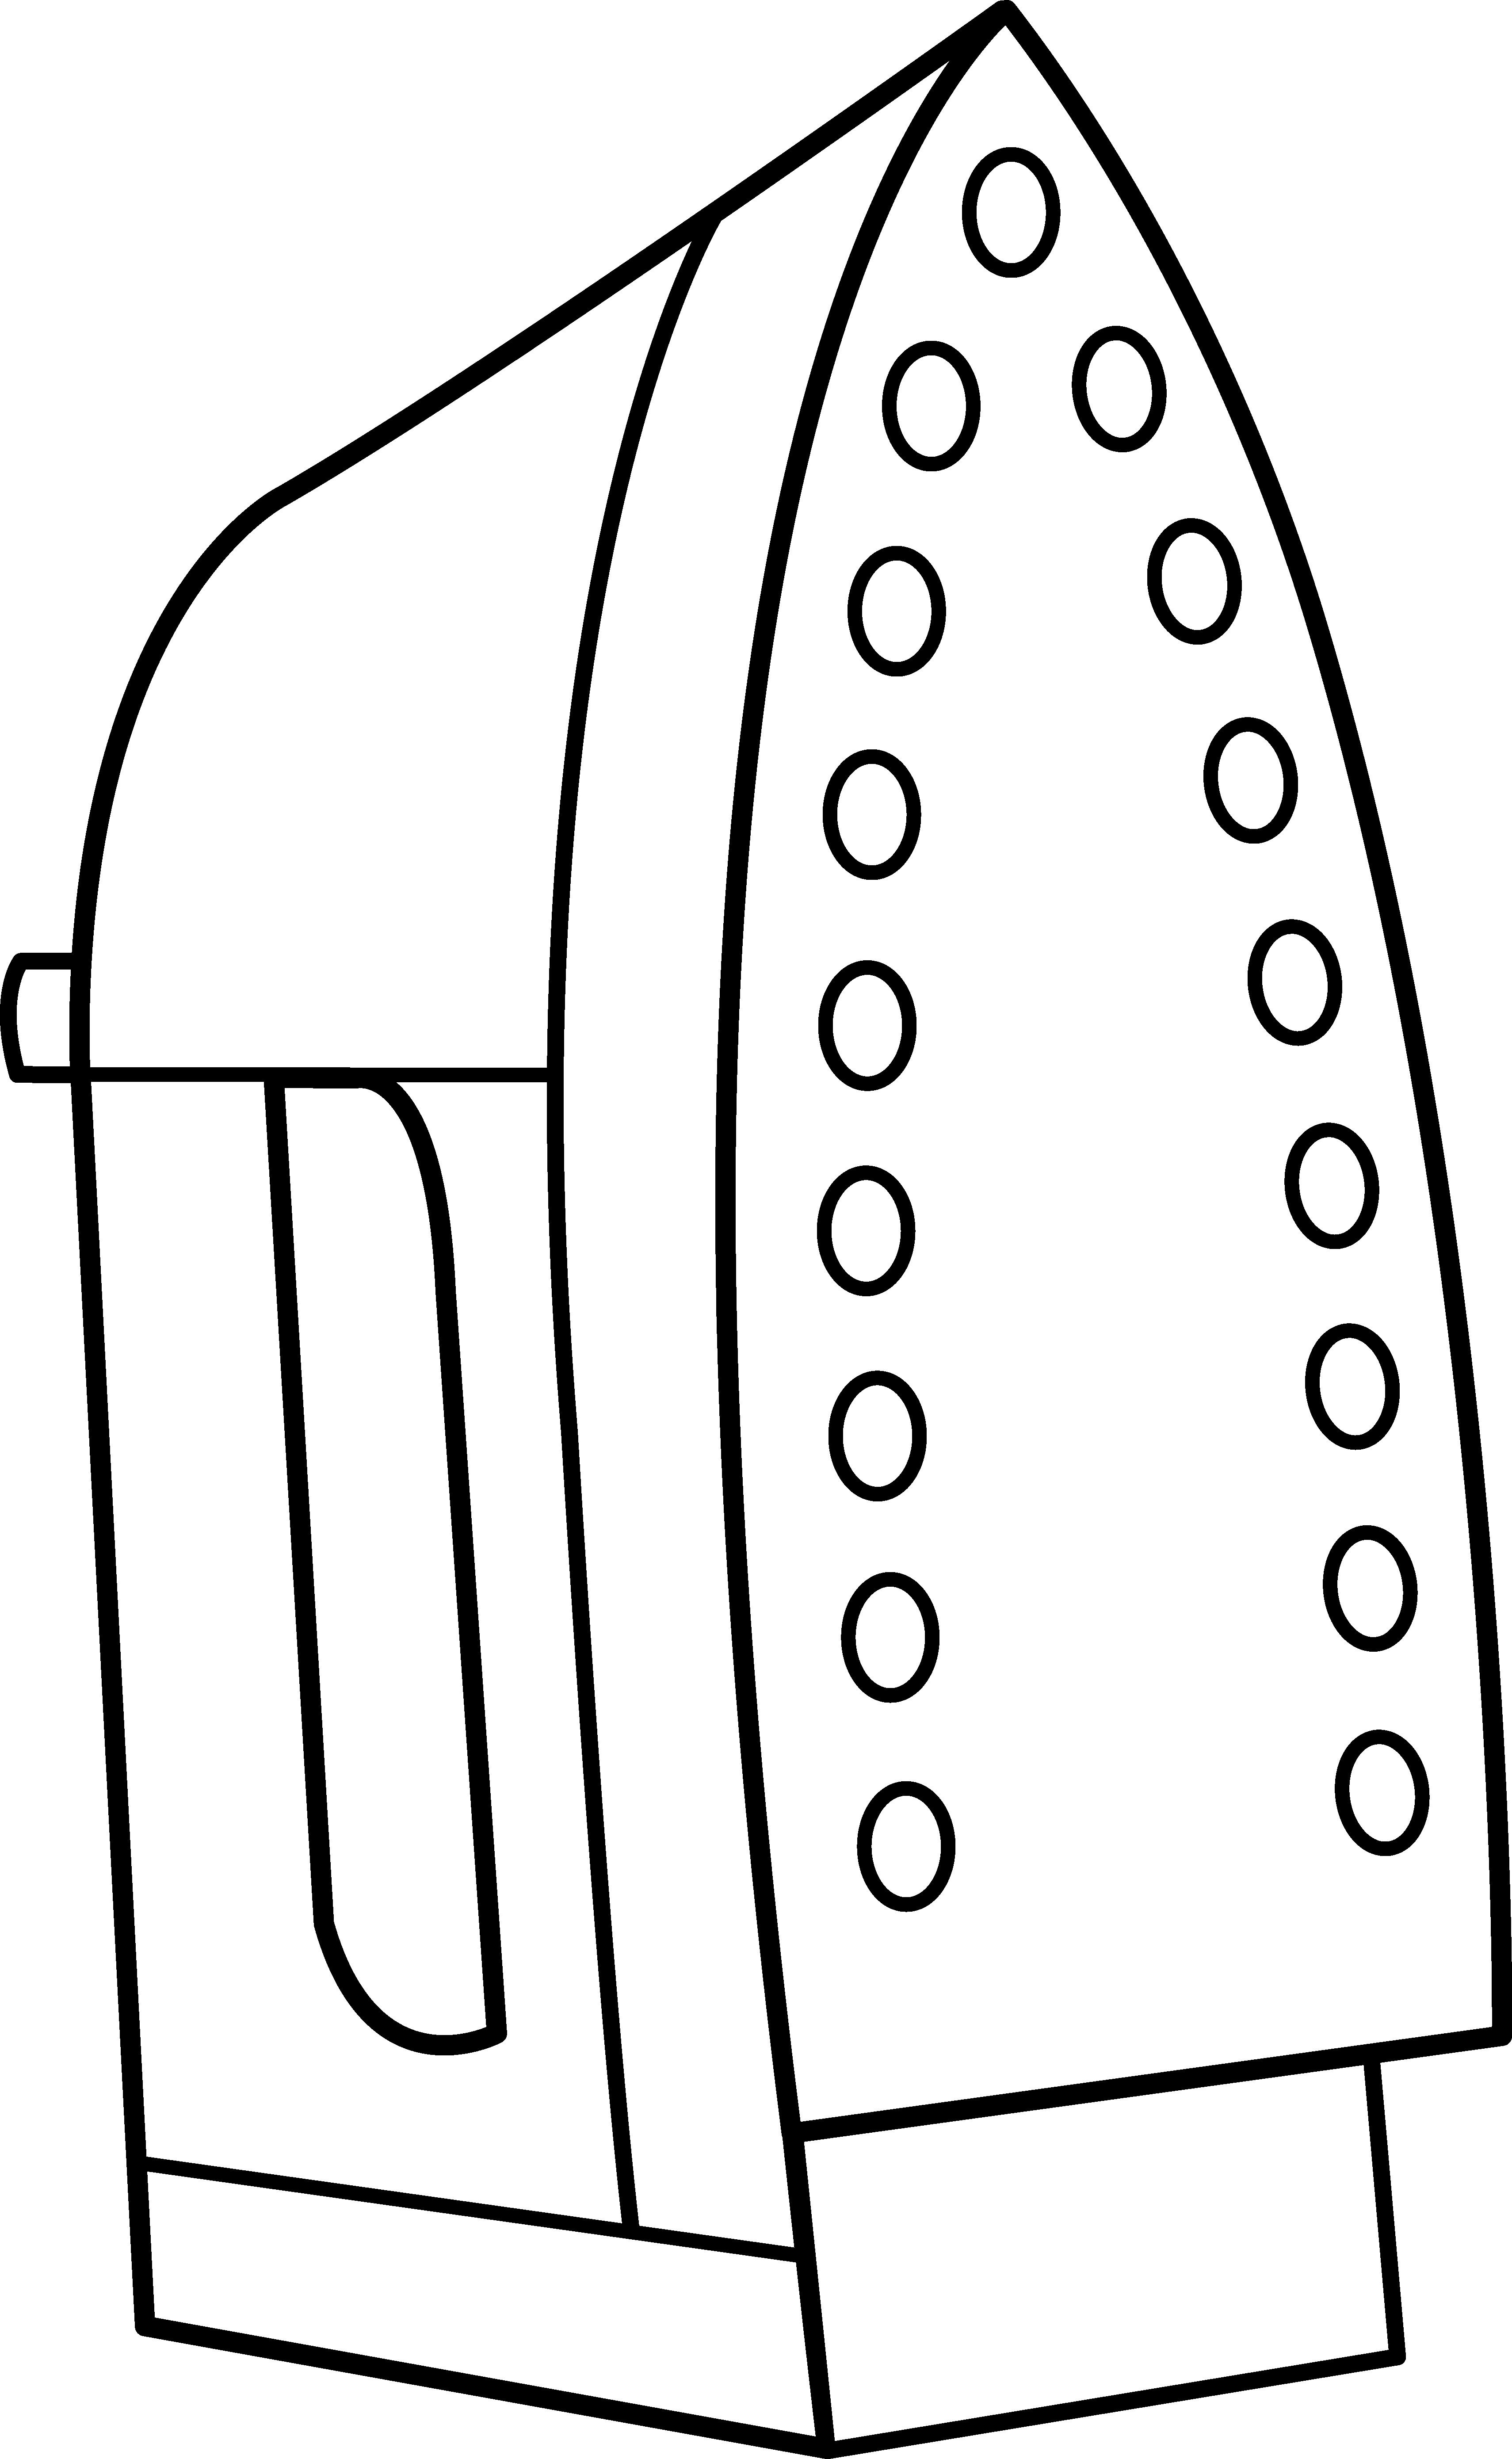 Clothing Iron Line Art.